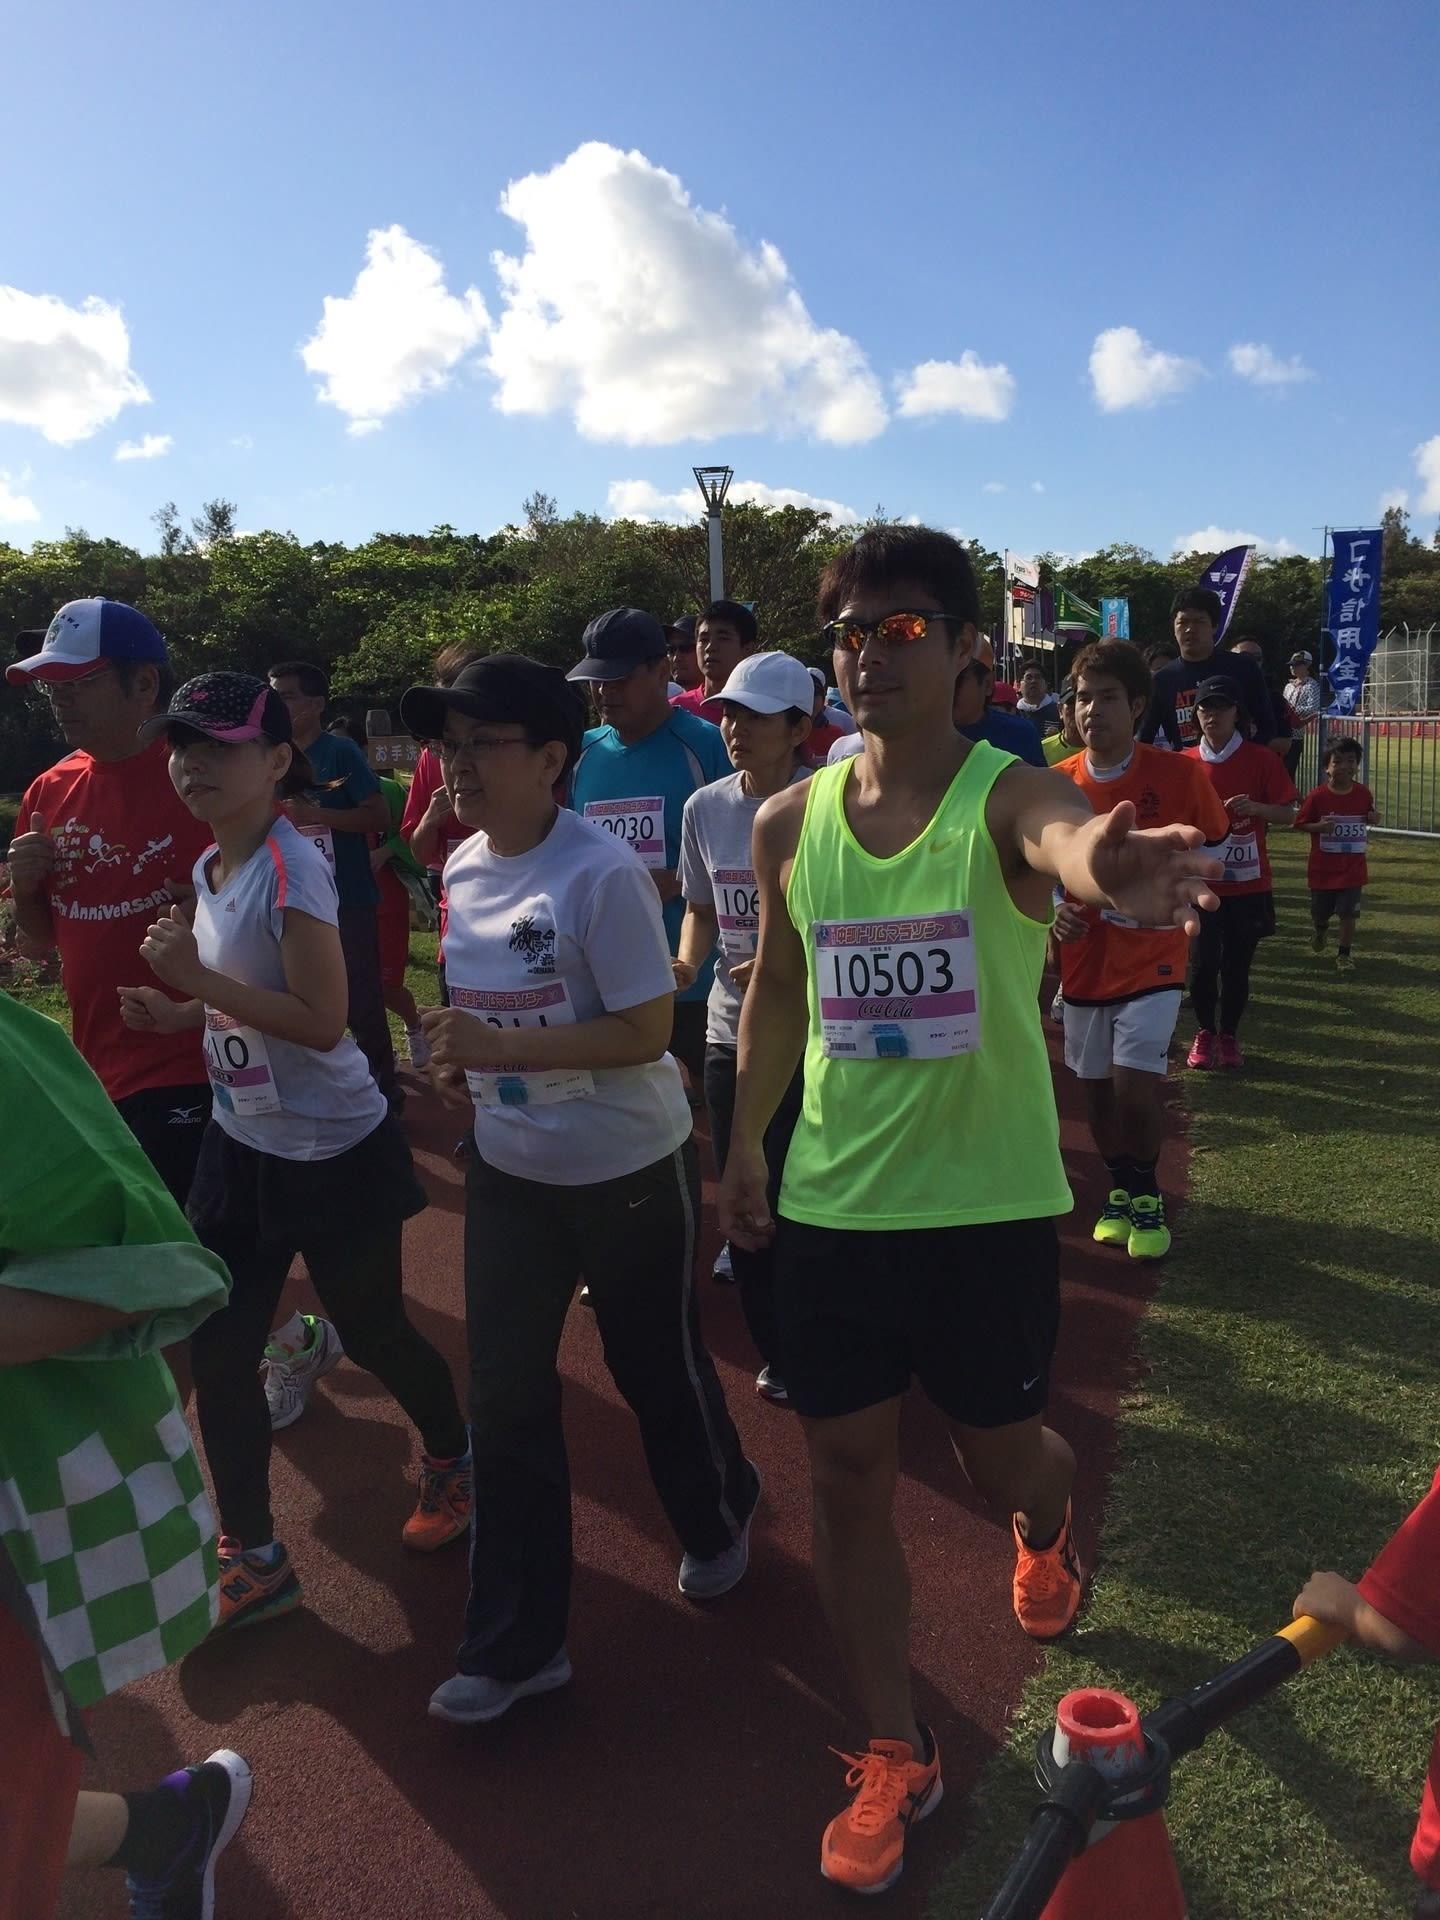 0ce12a914a 中部トリムマラソン大会に参加してきました。 県内でもとても参加しやすい大会です。tmcは家族で参加しました。午前中に20キロと10キロがあり、昼頃に5キロ  ...